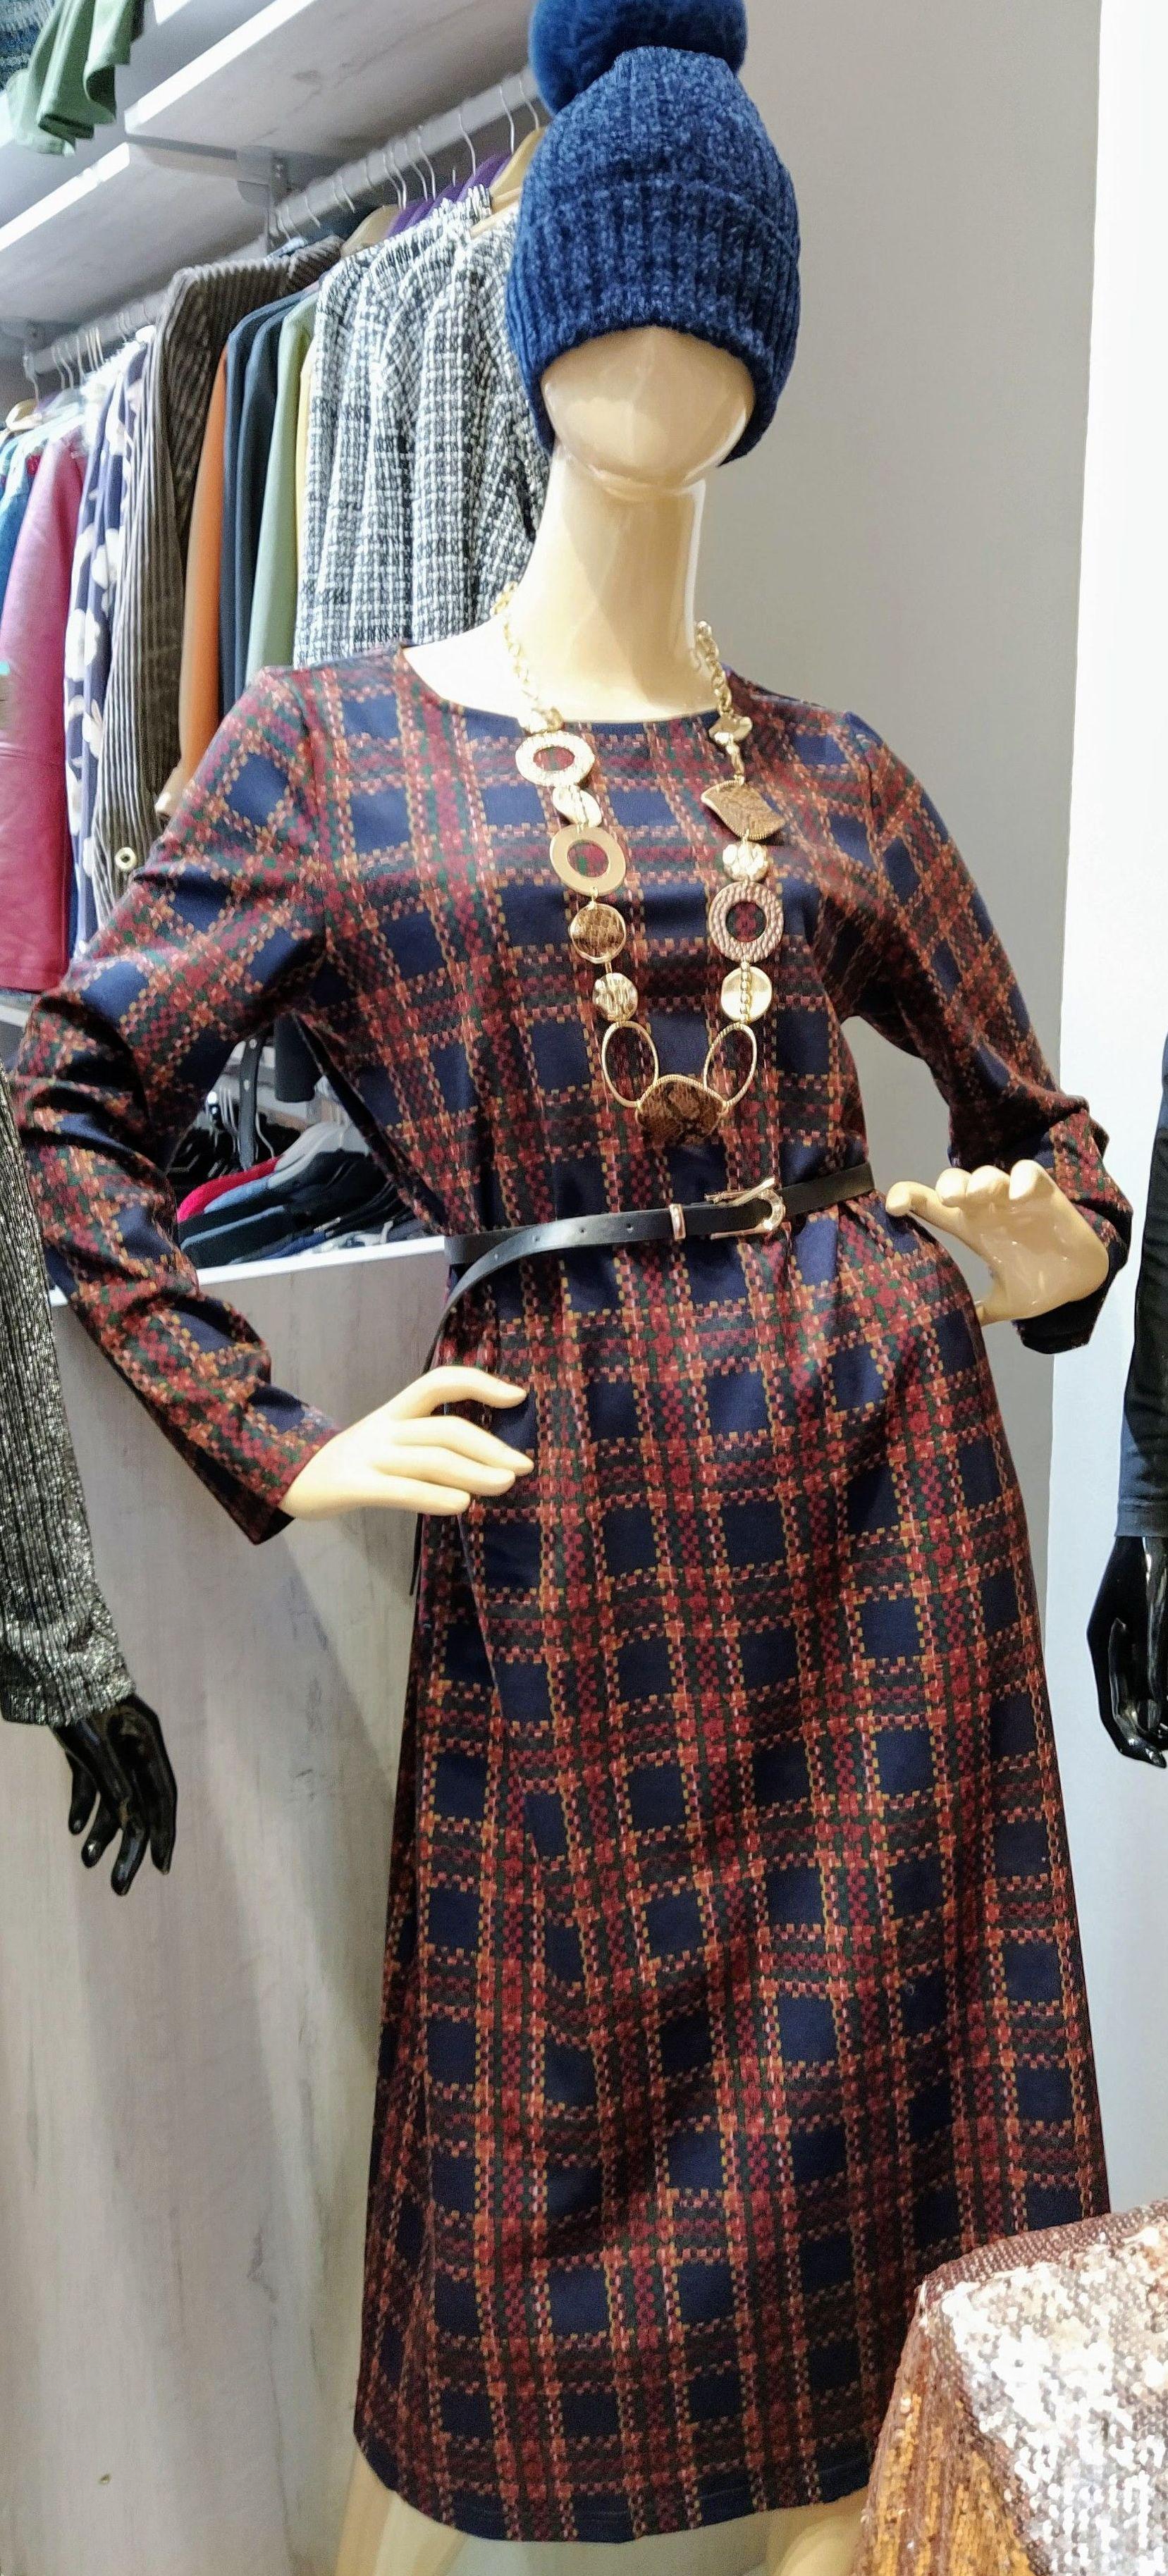 La Cajita de Costura en Ourense tu tienda de moda, complementos y regalos